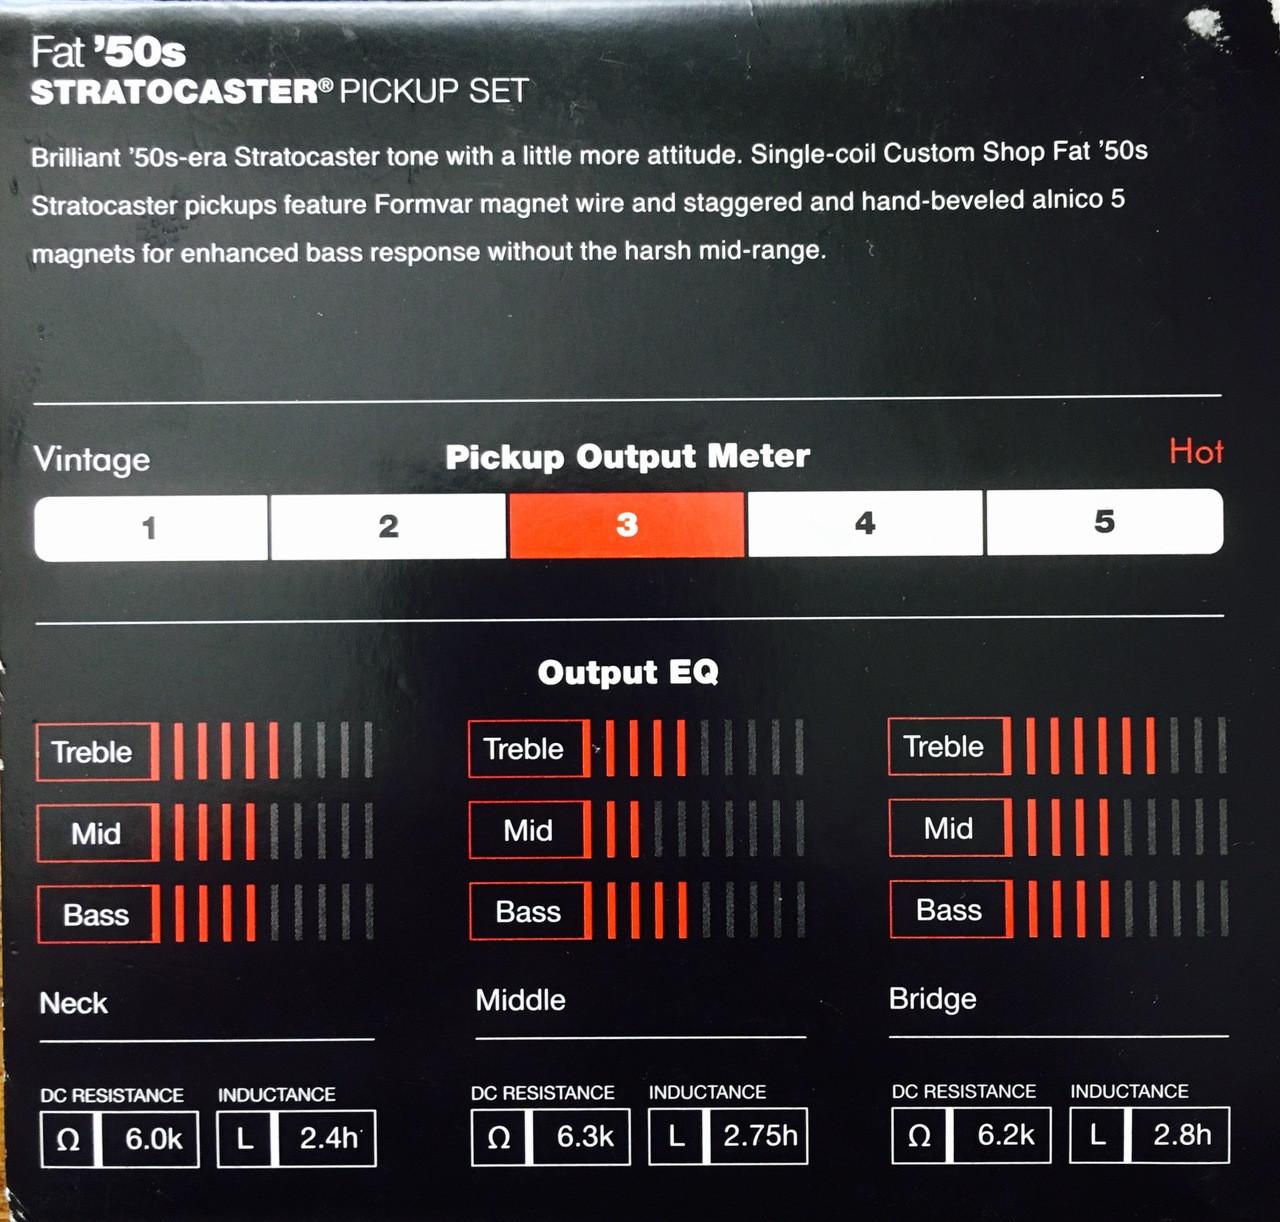 [DIAGRAM_38IU]  Fender Custom '50s Strat Pickups | GimmeSomeStrings | Fender Fat 50s Wiring Diagrams |  | GimmeSomeStrings